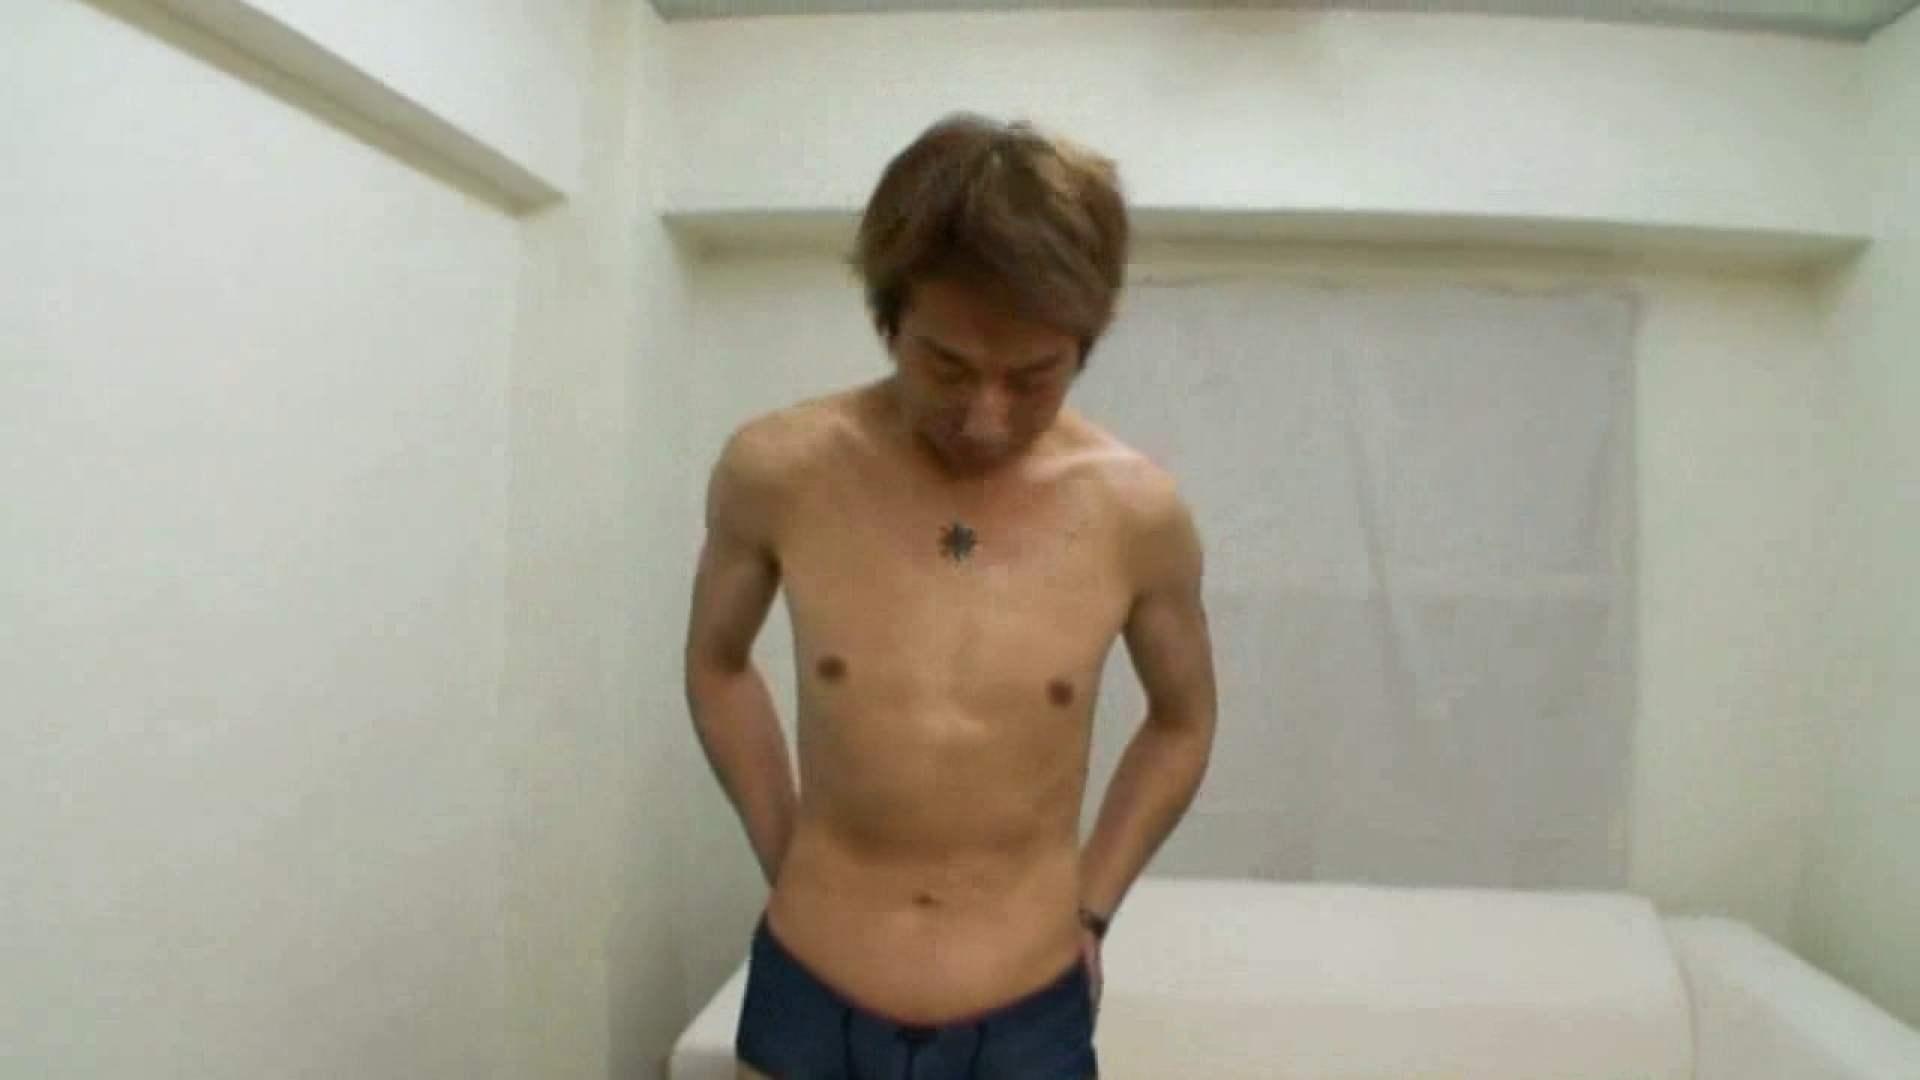 ノンケ!自慰スタジオ No.20 ゲイのオナニー映像 | 自慰特集  94枚 53